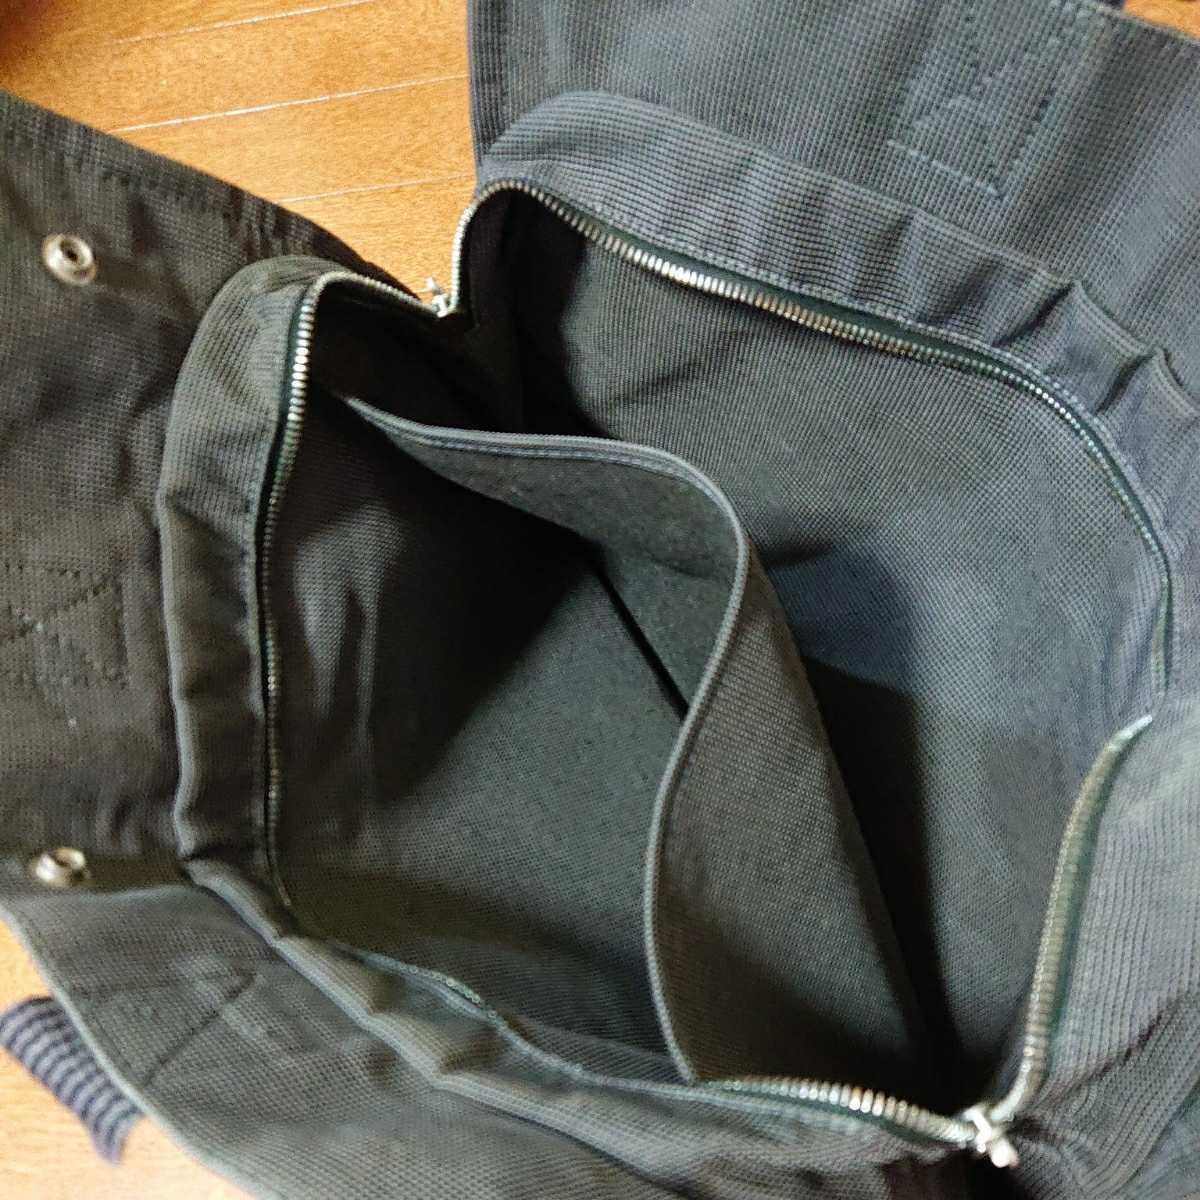 エルメス エルメスエールライン トートバッグ フールトゥ HERMES バッグ 男女兼用 ビジネスカバン 鞄 かばん 黒 ブラック_画像10